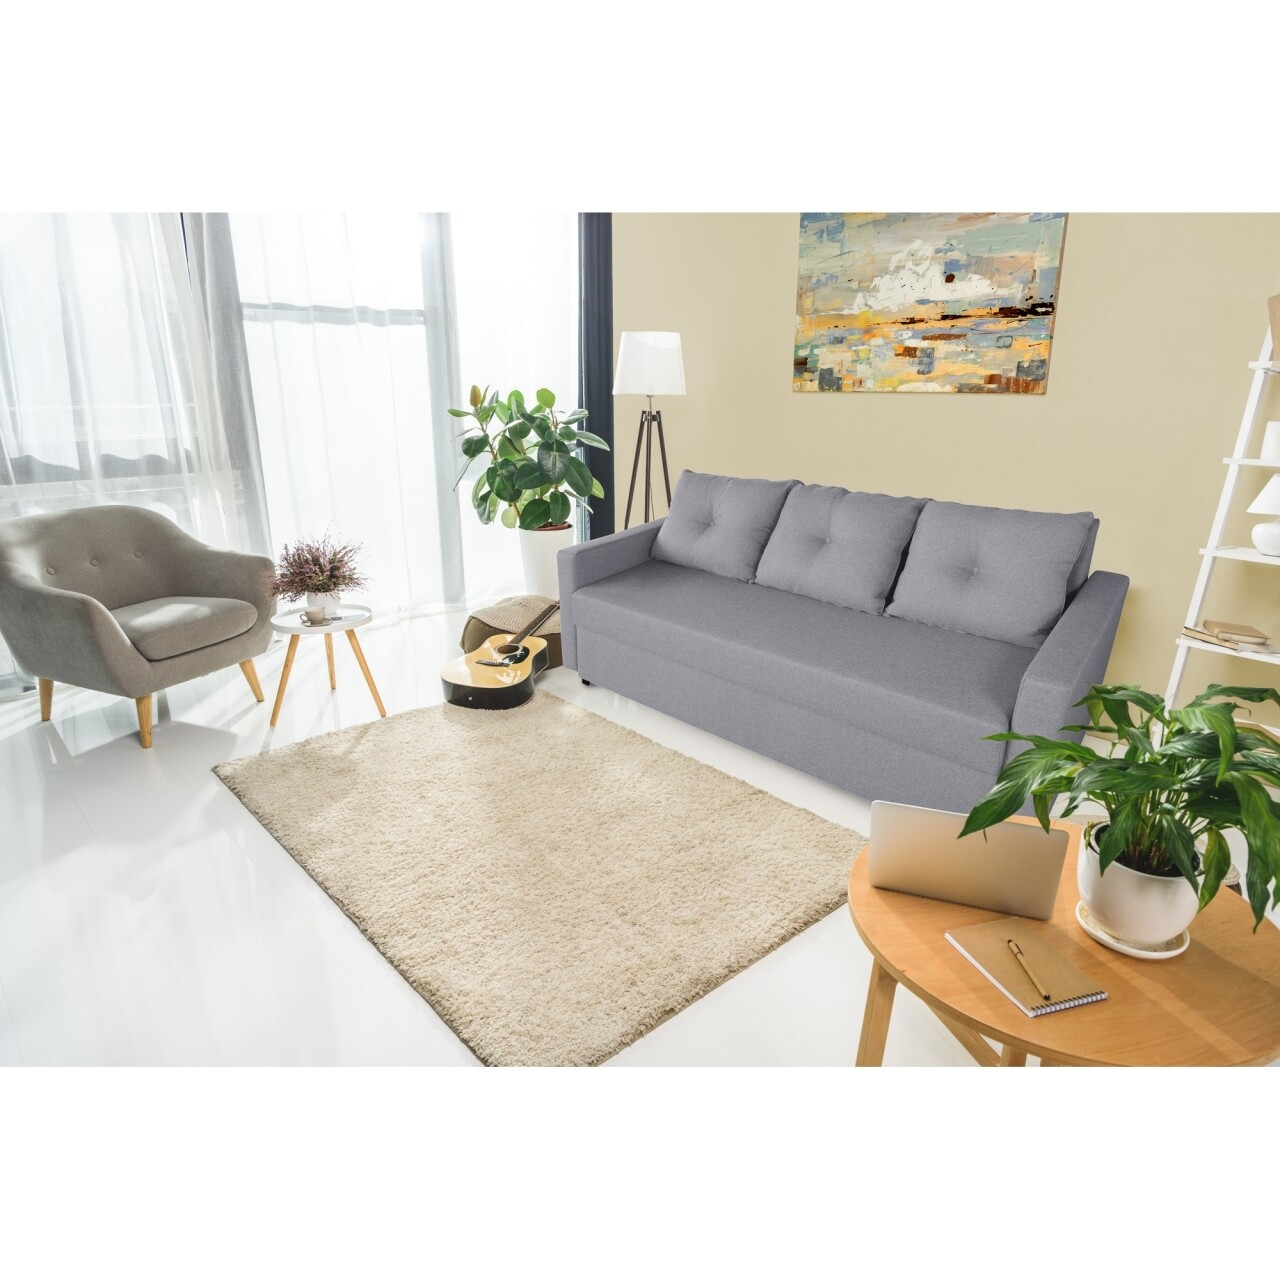 Canapea Firenze Lux Grey 218x85x85cm + ladă de depozitare, gri